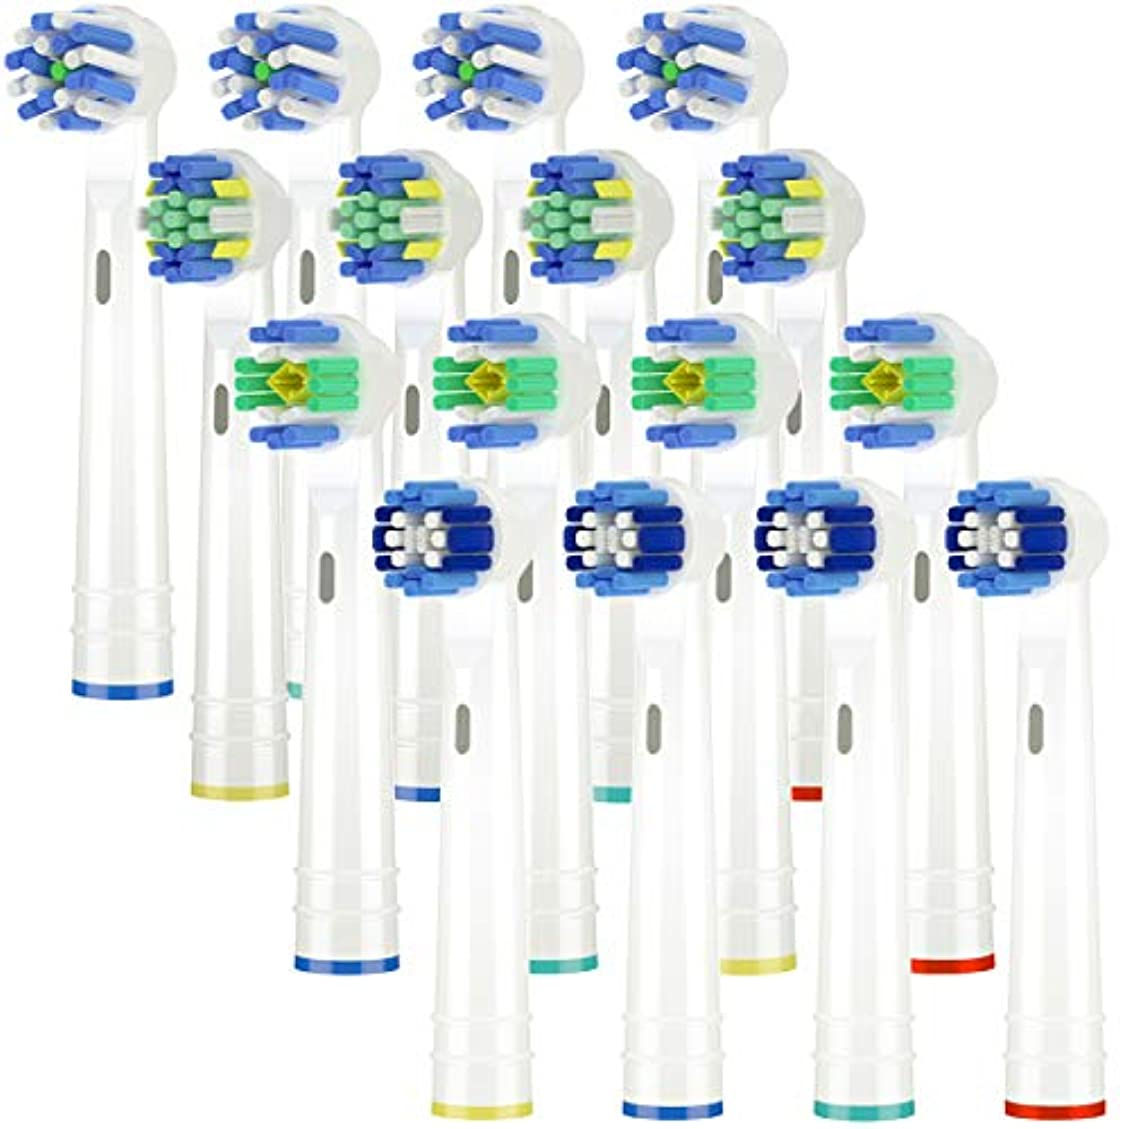 それる高層ビルしばしばItechnik 電動歯ブラシ 替えブラシ ブラウン オーラルB 対応 替えブラシ 4種類が入り:ホワイトニングブラシ 、ベーシックブラシ、歯間ワイパー付きブラシ、マルチアクションブラシ 凡用な16本